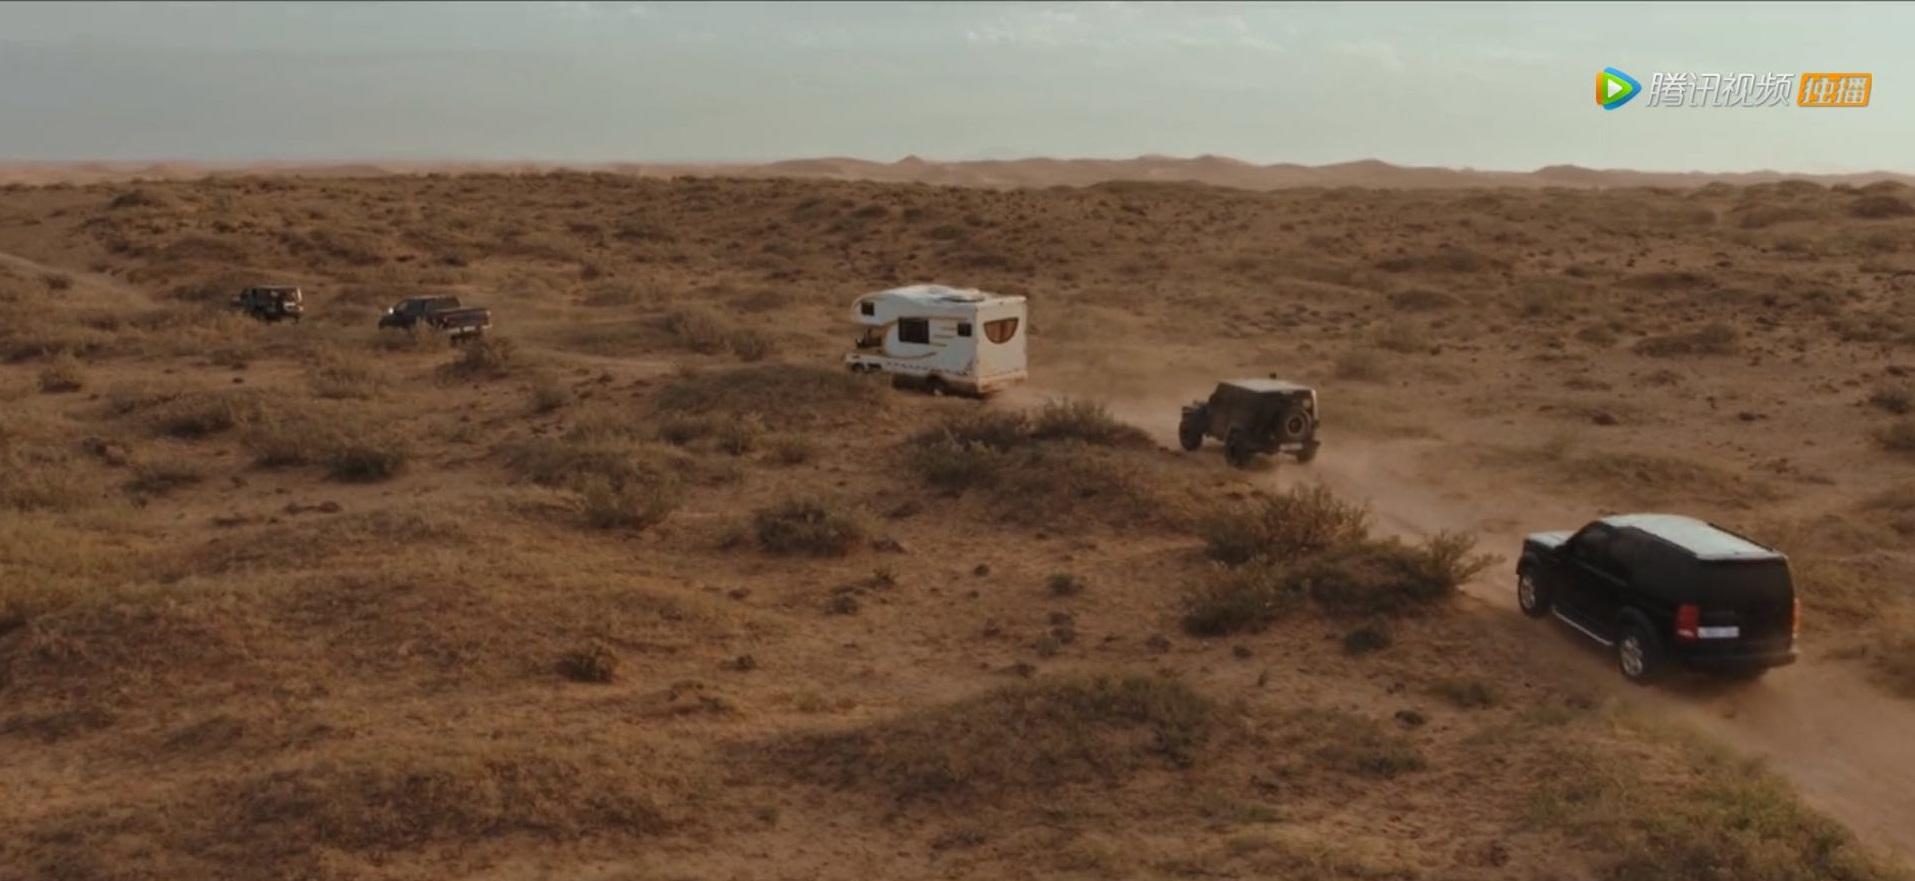 这些细节告诉你《沙海》的制作有多棒的照片 - 4